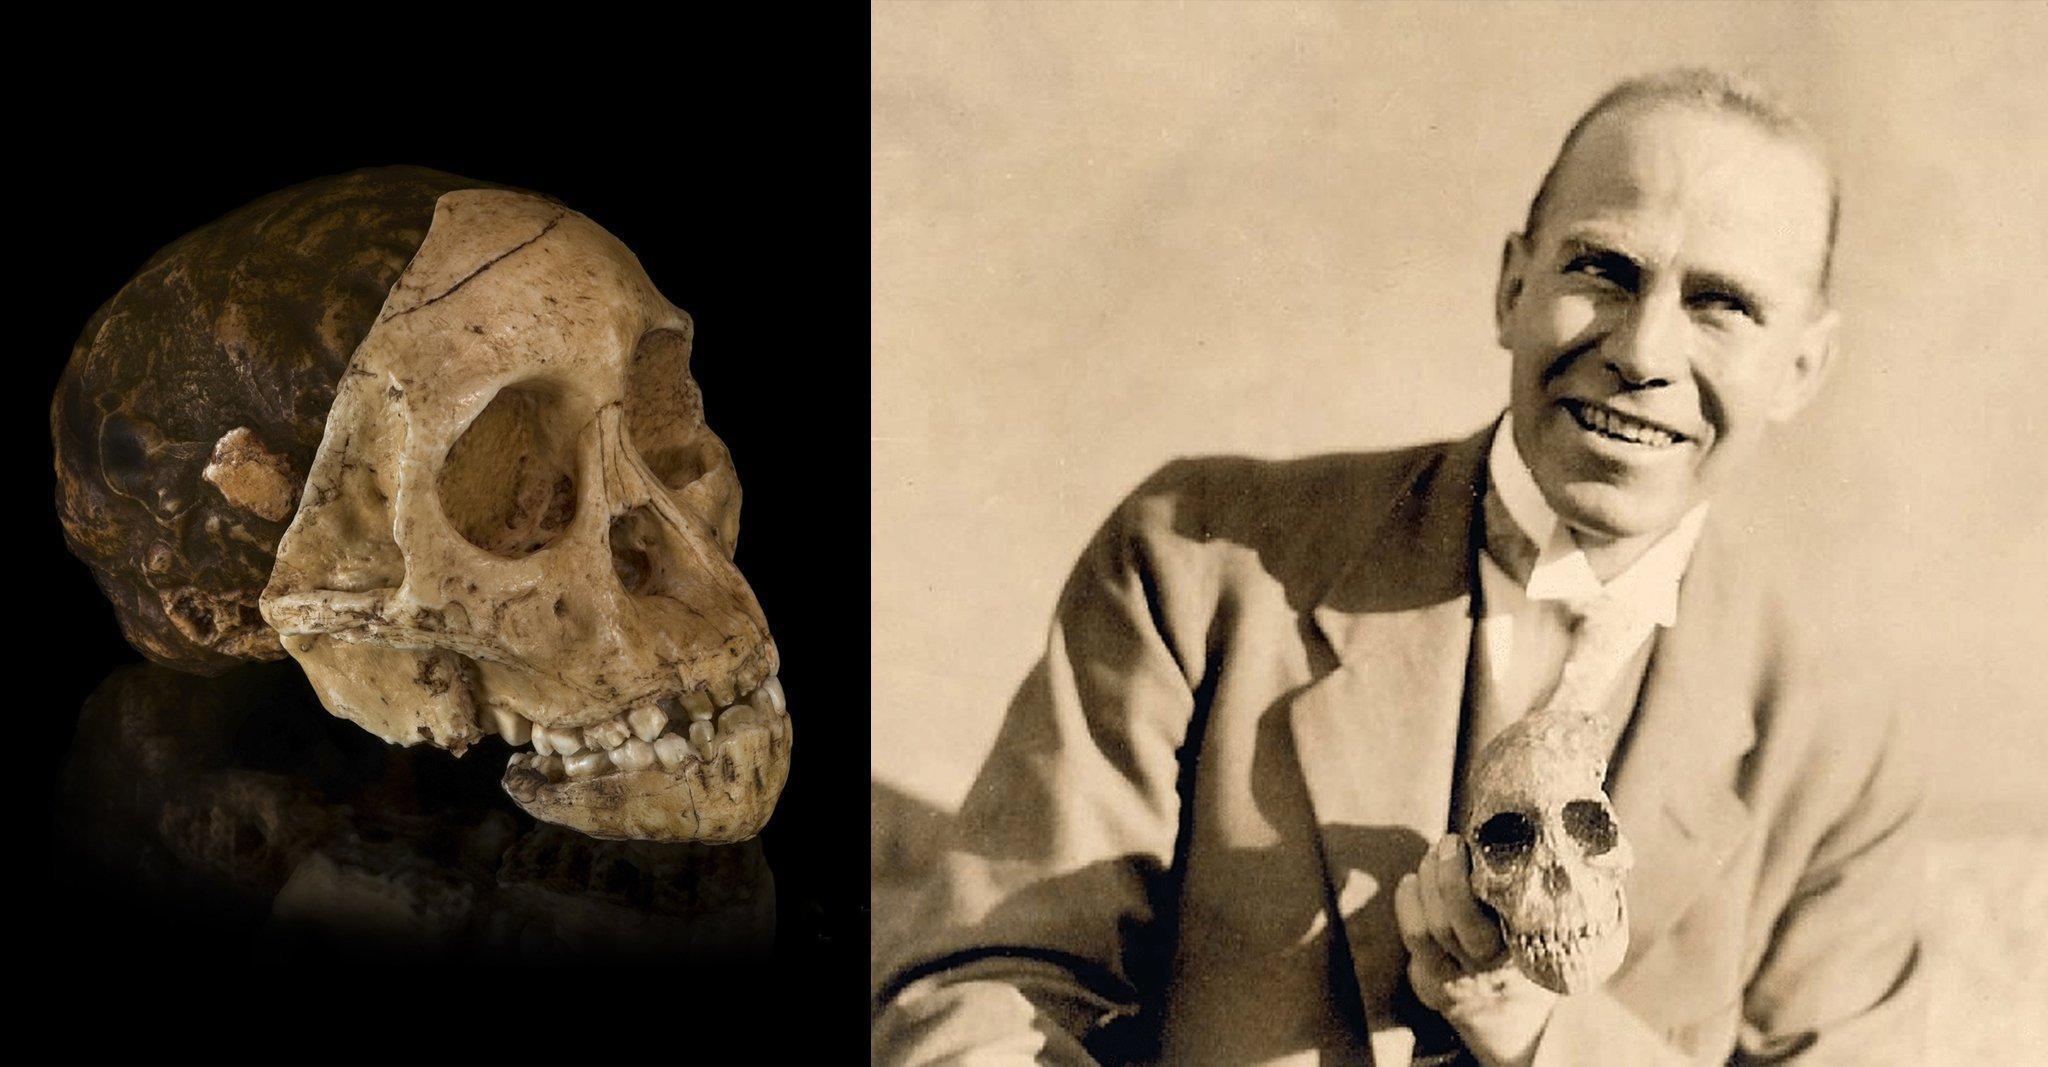 Hier sind zwei Fotos zu sehen: Links die knochenfarbene Versteinerung eines kindlich wirkenden, menschenähnlichen Gesichtsschädels, schräg von vorn und von der Seite, an dessen hinterem Teil sich Abschnitte eines versteinerten Gehirns erkennen lassen. Rechts das historische Foto eines jungen, lächelnden Mannes mit Jackett, der die links gezeigte Versteinerung in der linken Hand hält.